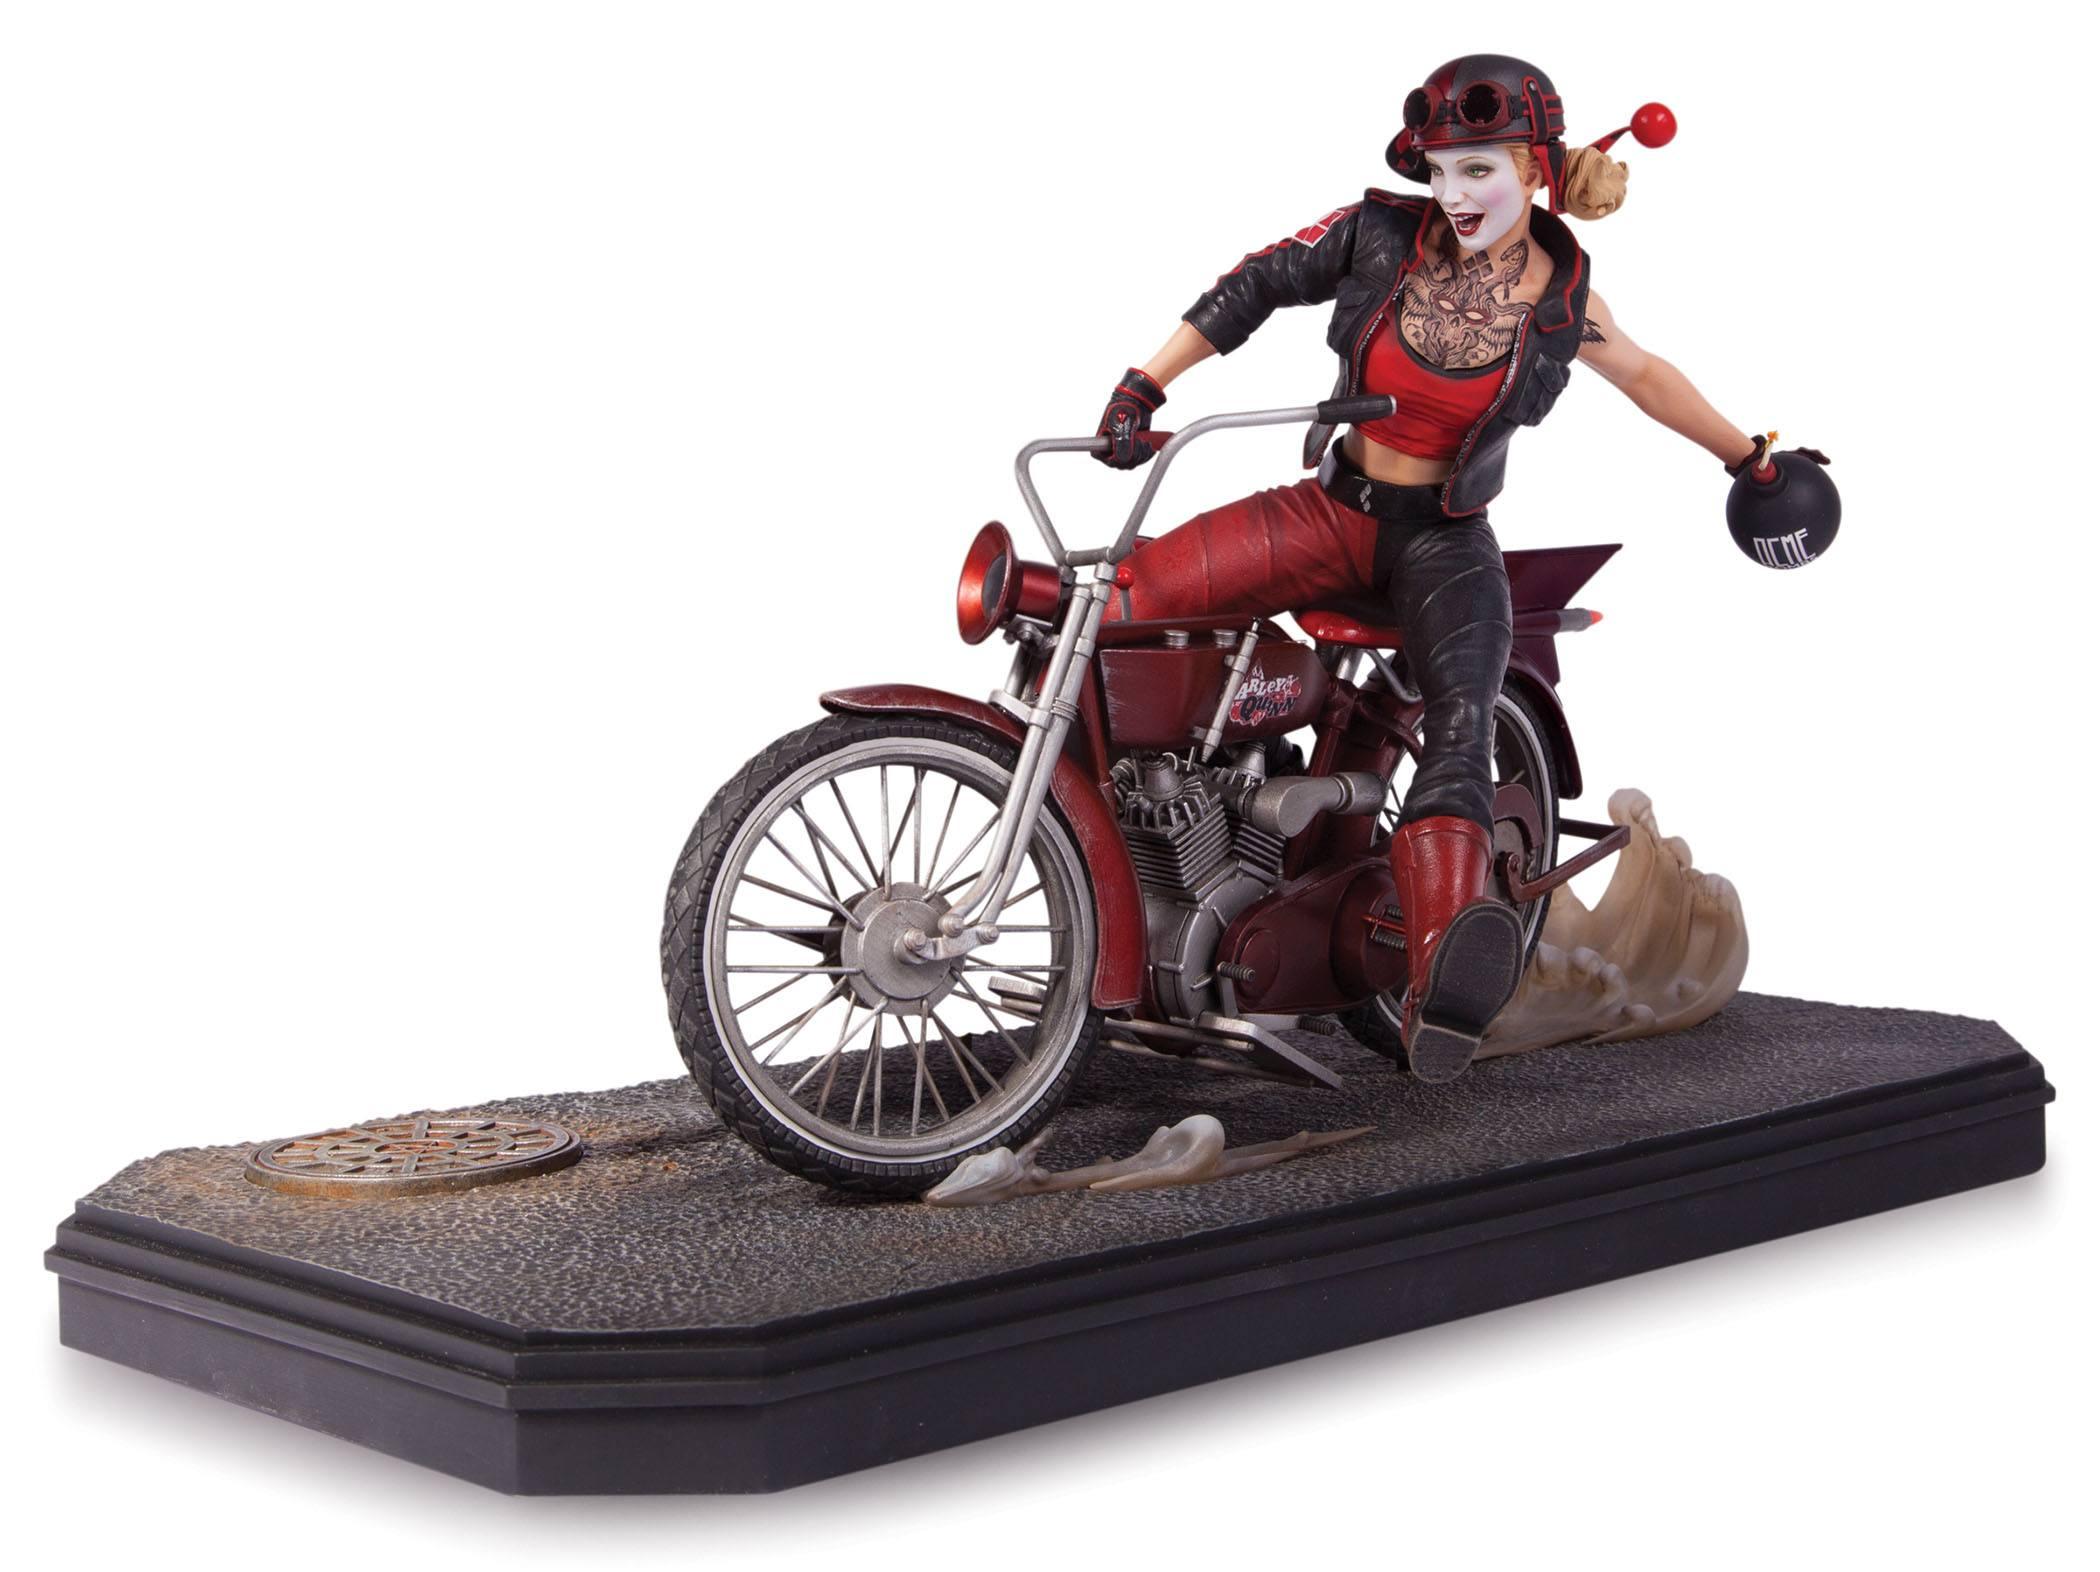 La belle vilaine de Gotham city sur sa moto